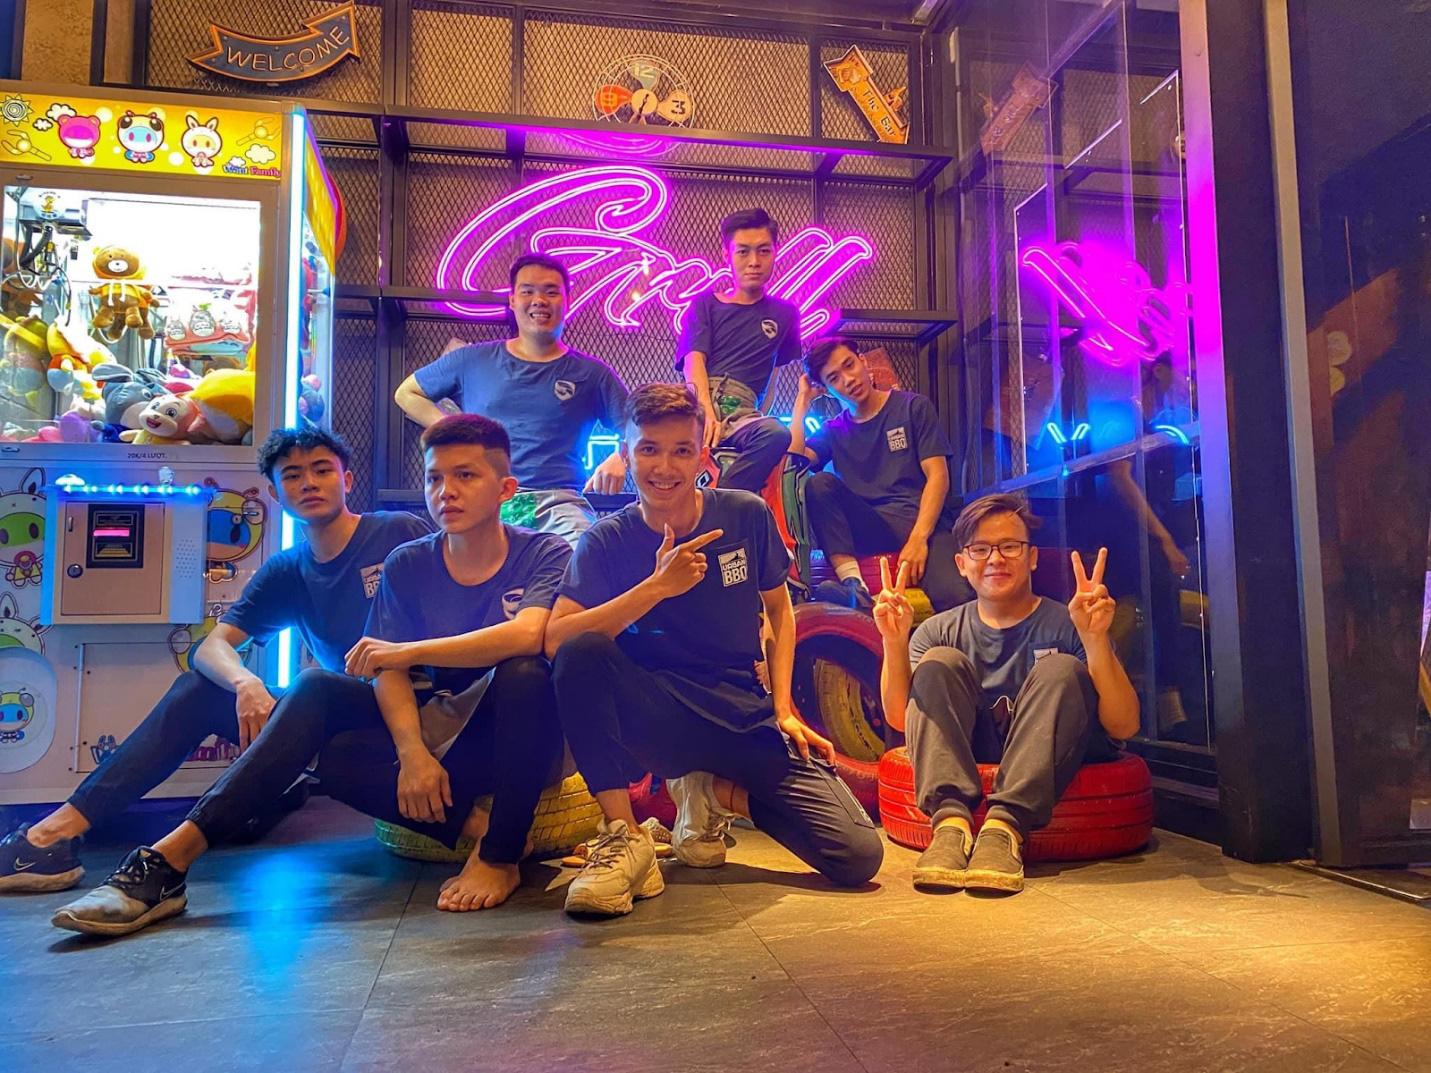 Giới trẻ phát sốt lùng sục check-in không gian Itaewon tại Urban BBQ Sài thành với phần thưởng lên tới 5 triệu đồng - Ảnh 2.